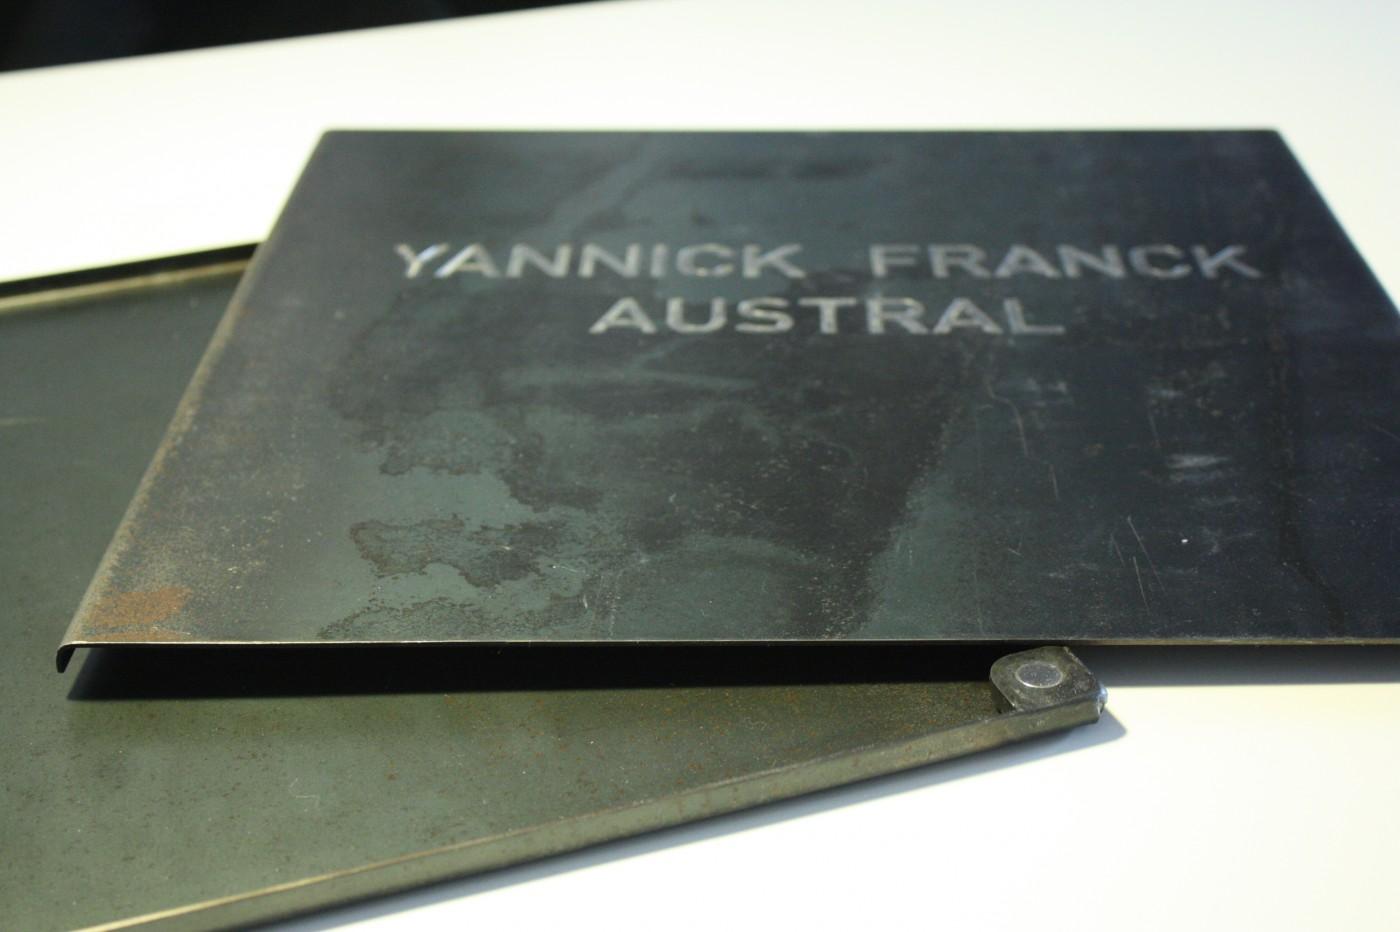 IMG 0470 e1353364666694 Coffret Vinyl // Austral // Yannick Franck // Onement